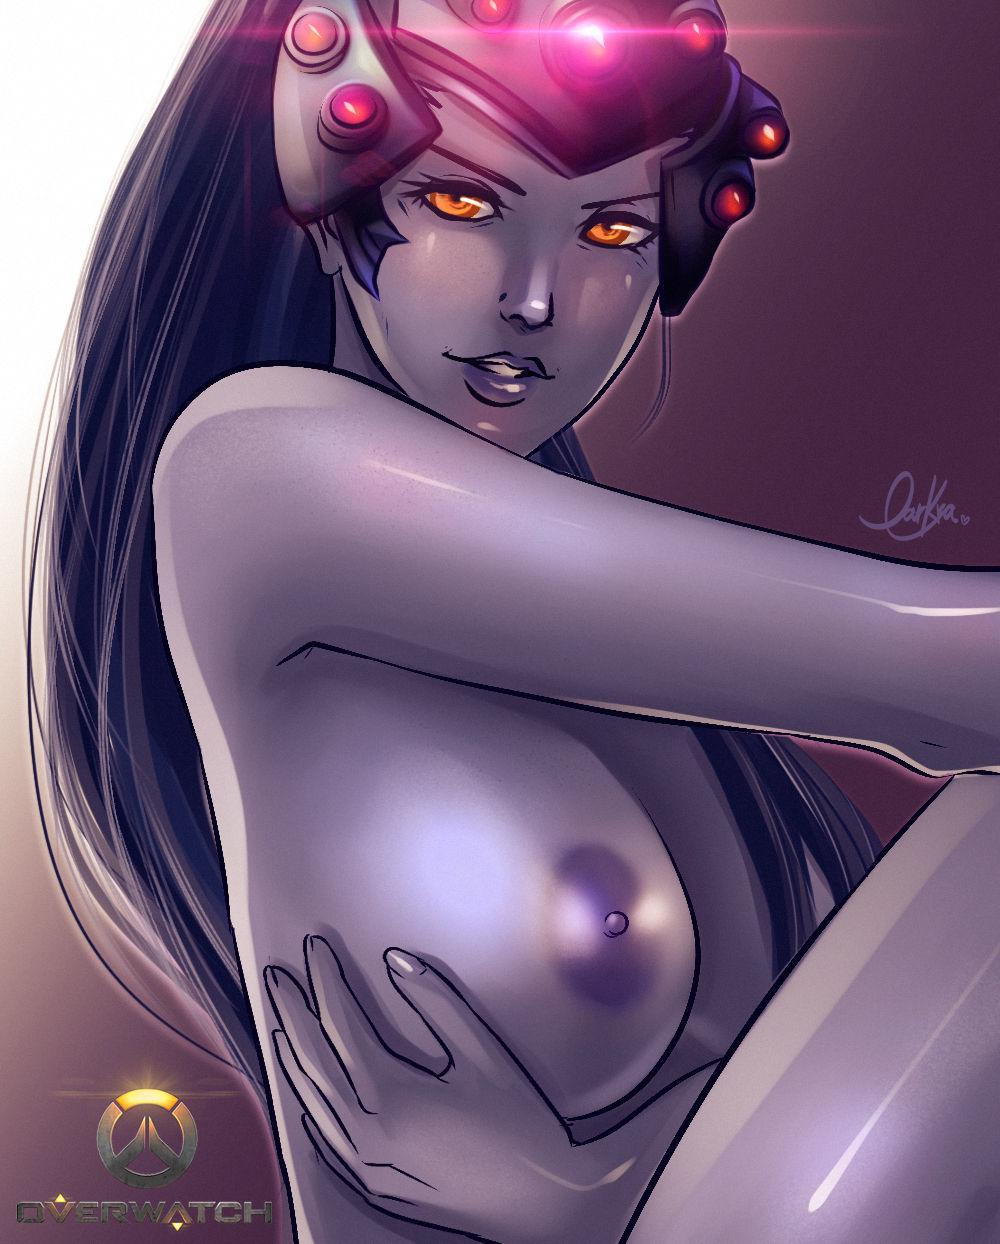 artist - Darkra